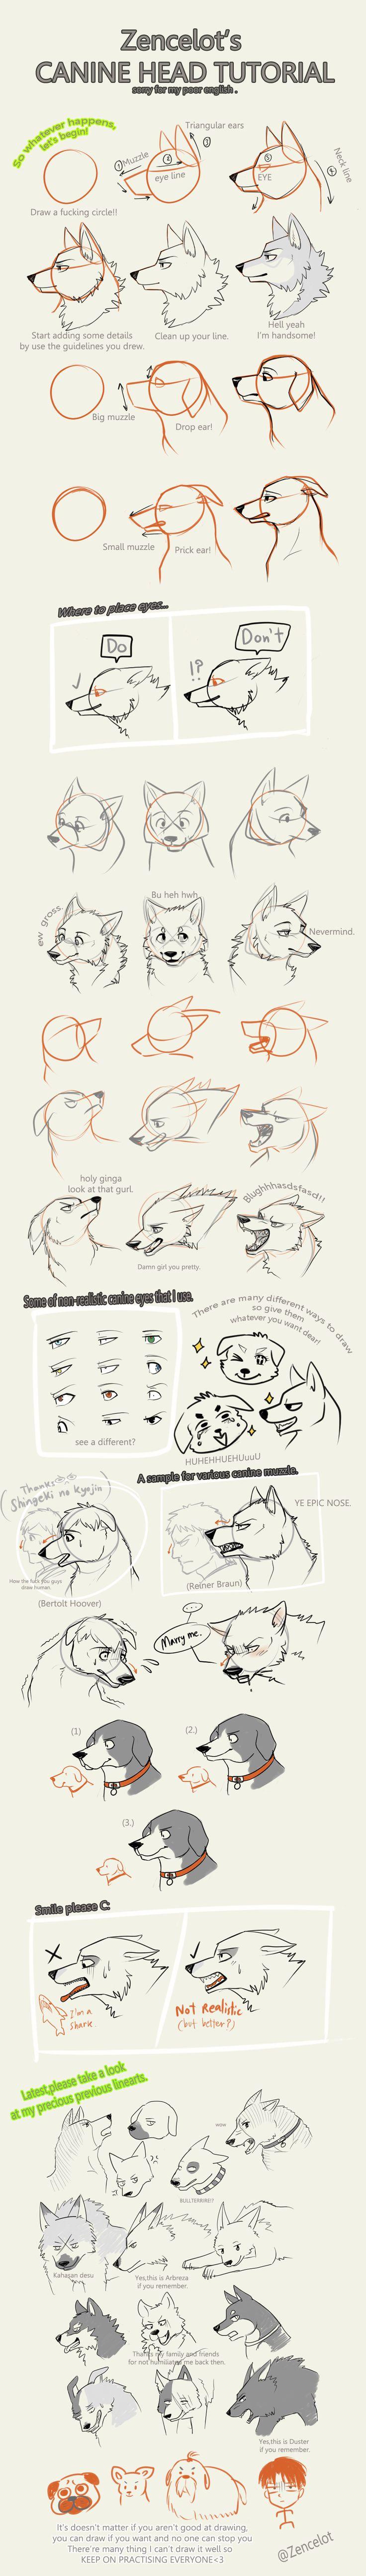 zency_s_canine_head_tutorial_by_zencelot-d6rjtt5.png (980×6900)